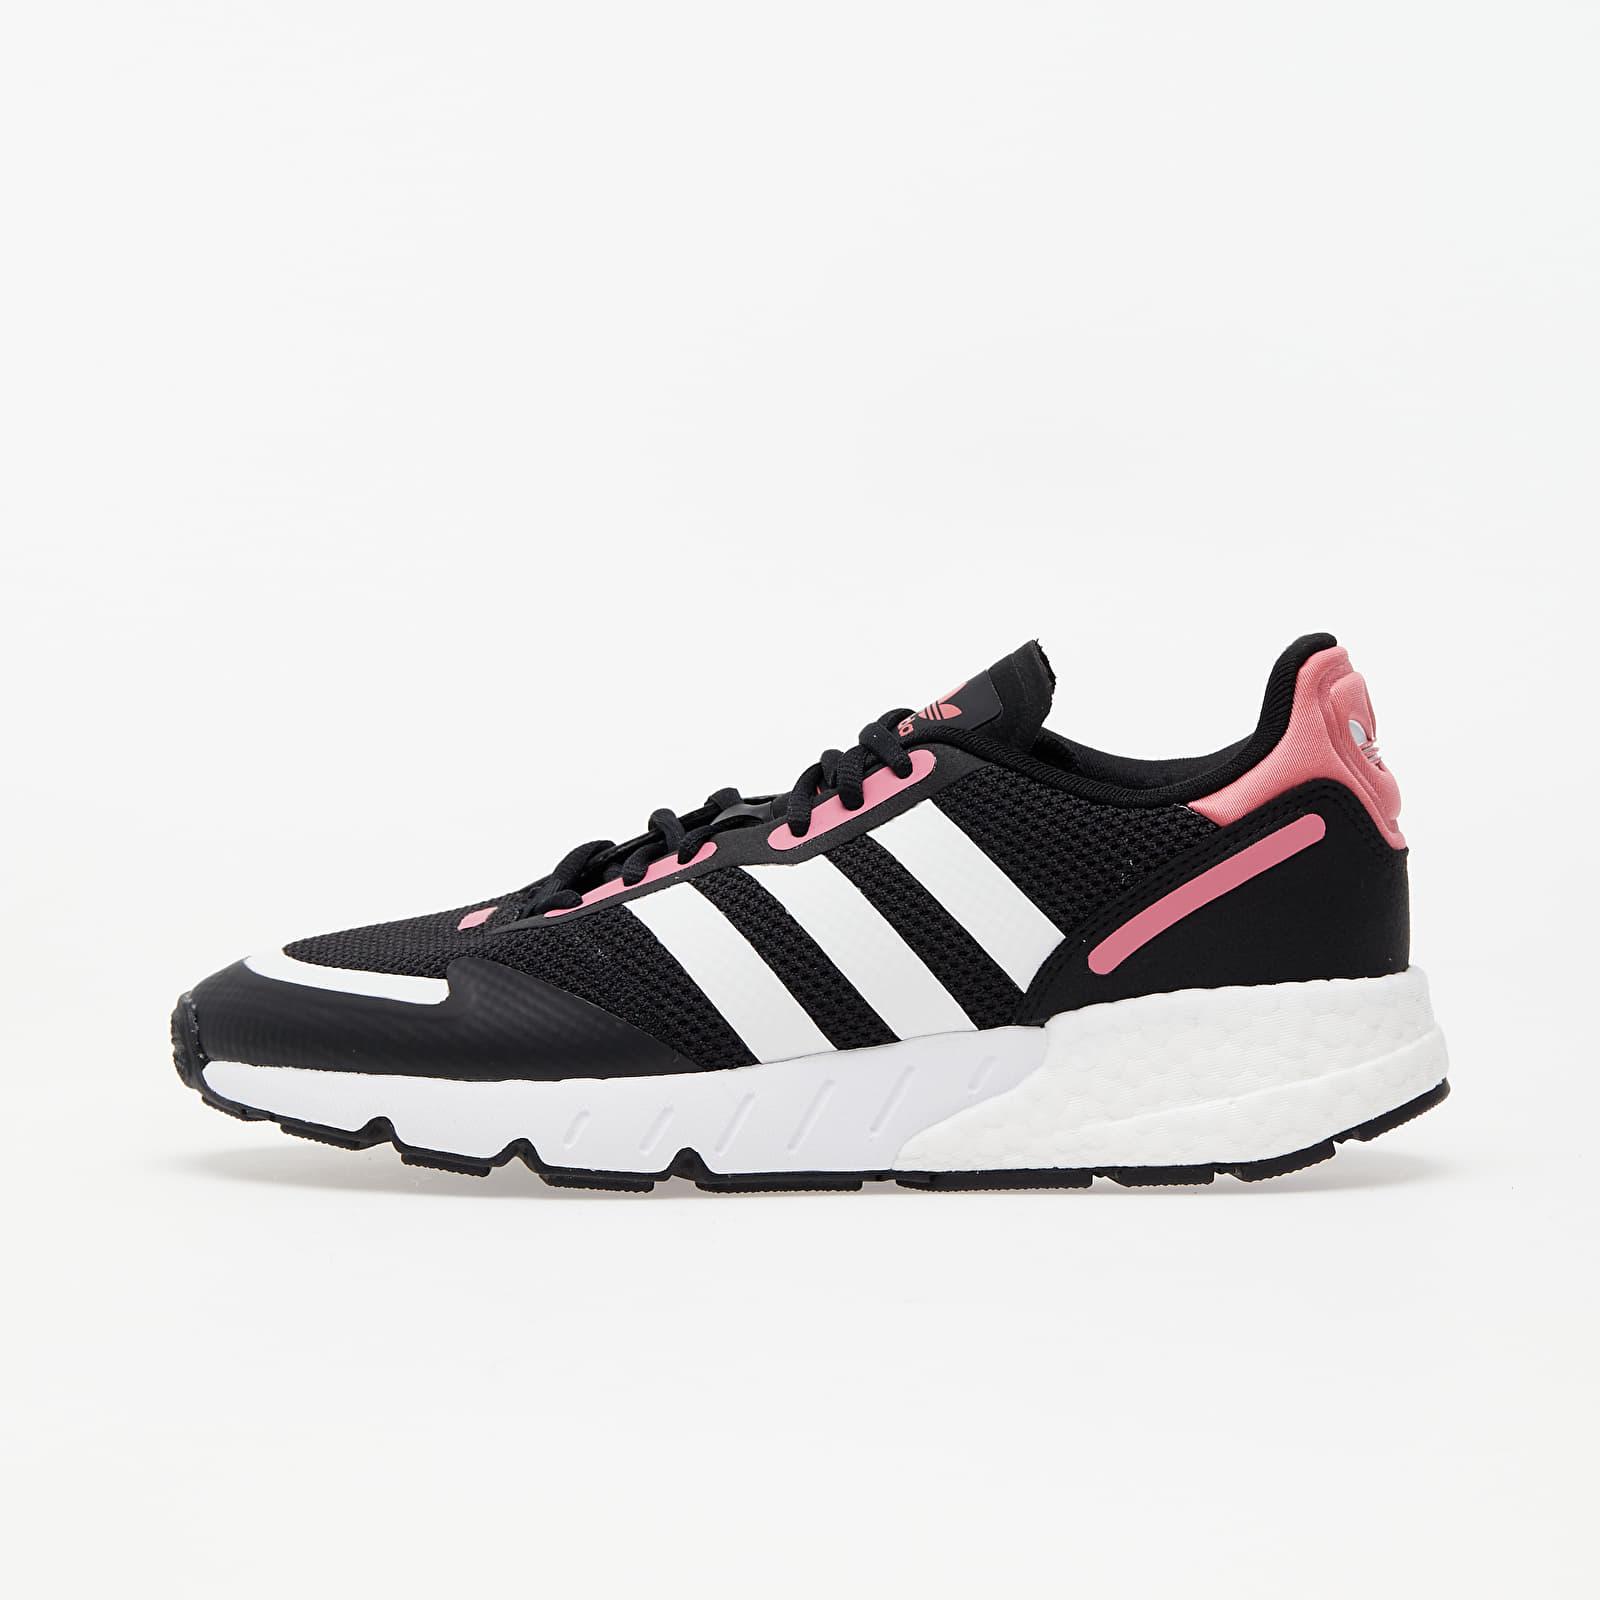 Încălțăminte și sneakerși pentru femei adidas ZX 1K BOOST W Core Black/ Ftwr White/ Hazy Rose